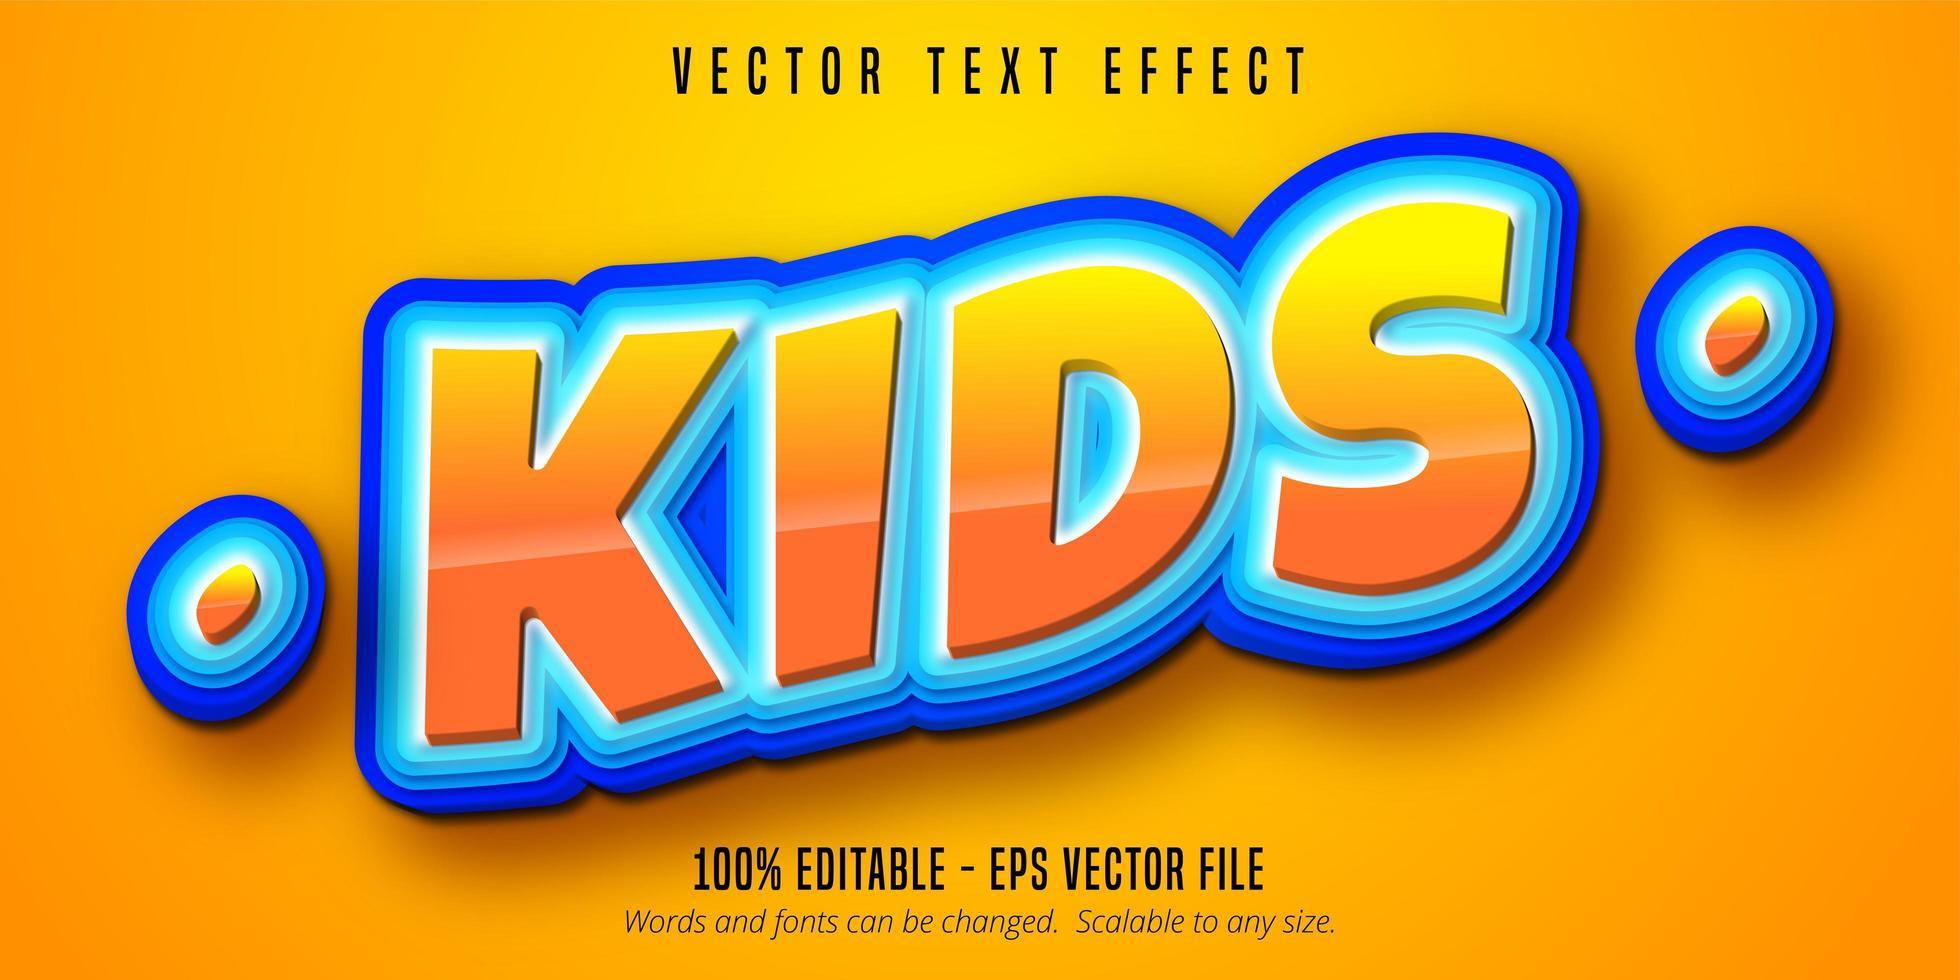 texte pour enfants, effet de texte de style dessin animé vecteur